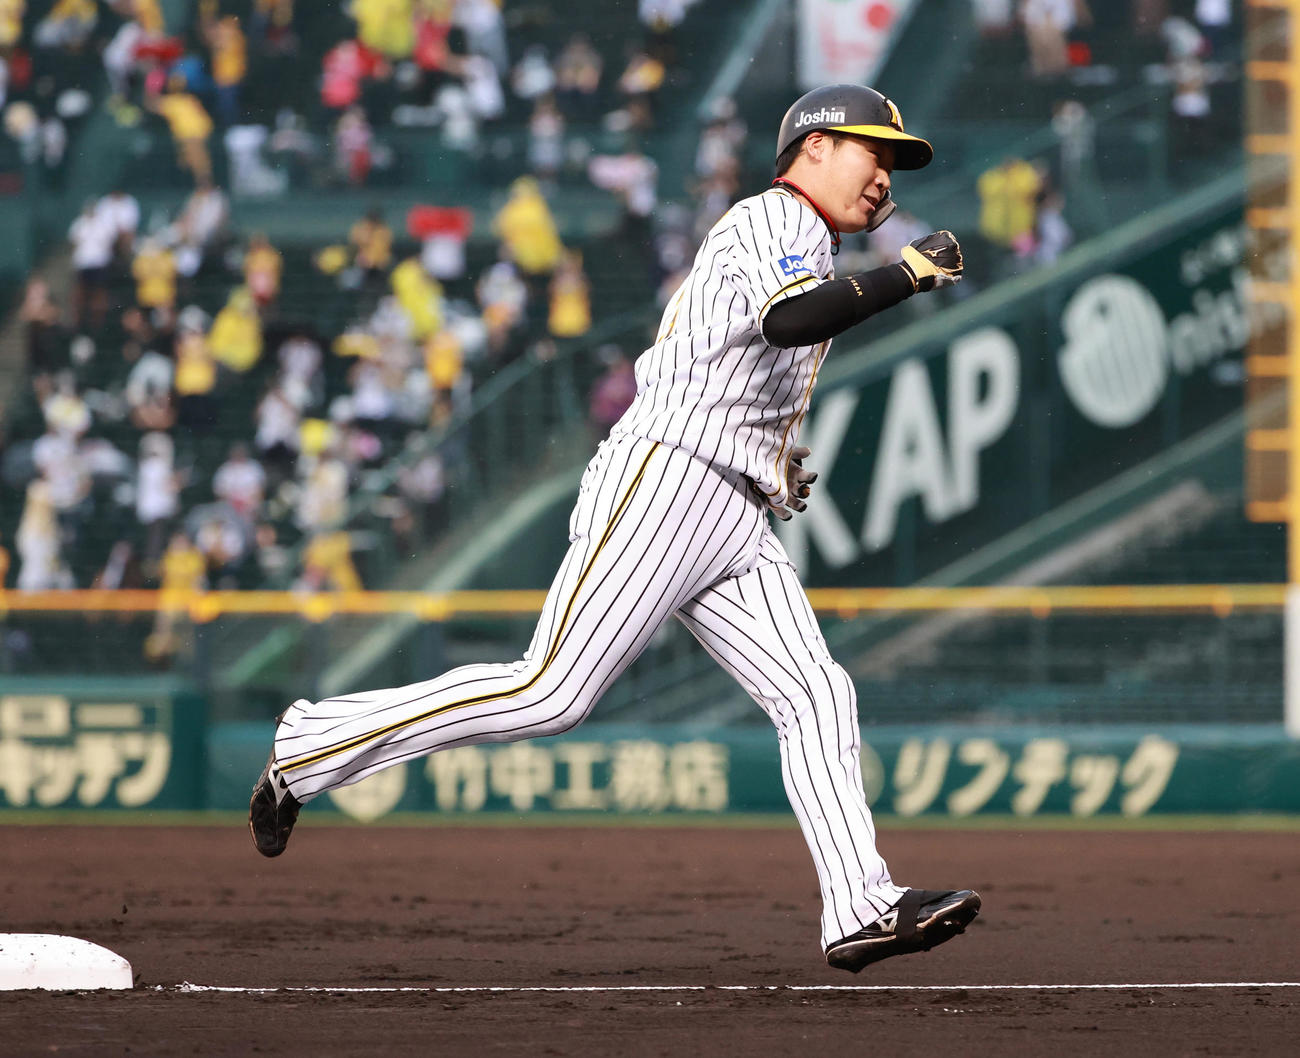 阪神対DeNA 1回裏阪神1死、左越え本塁打を放つ大山悠輔(撮影・清水貴仁)